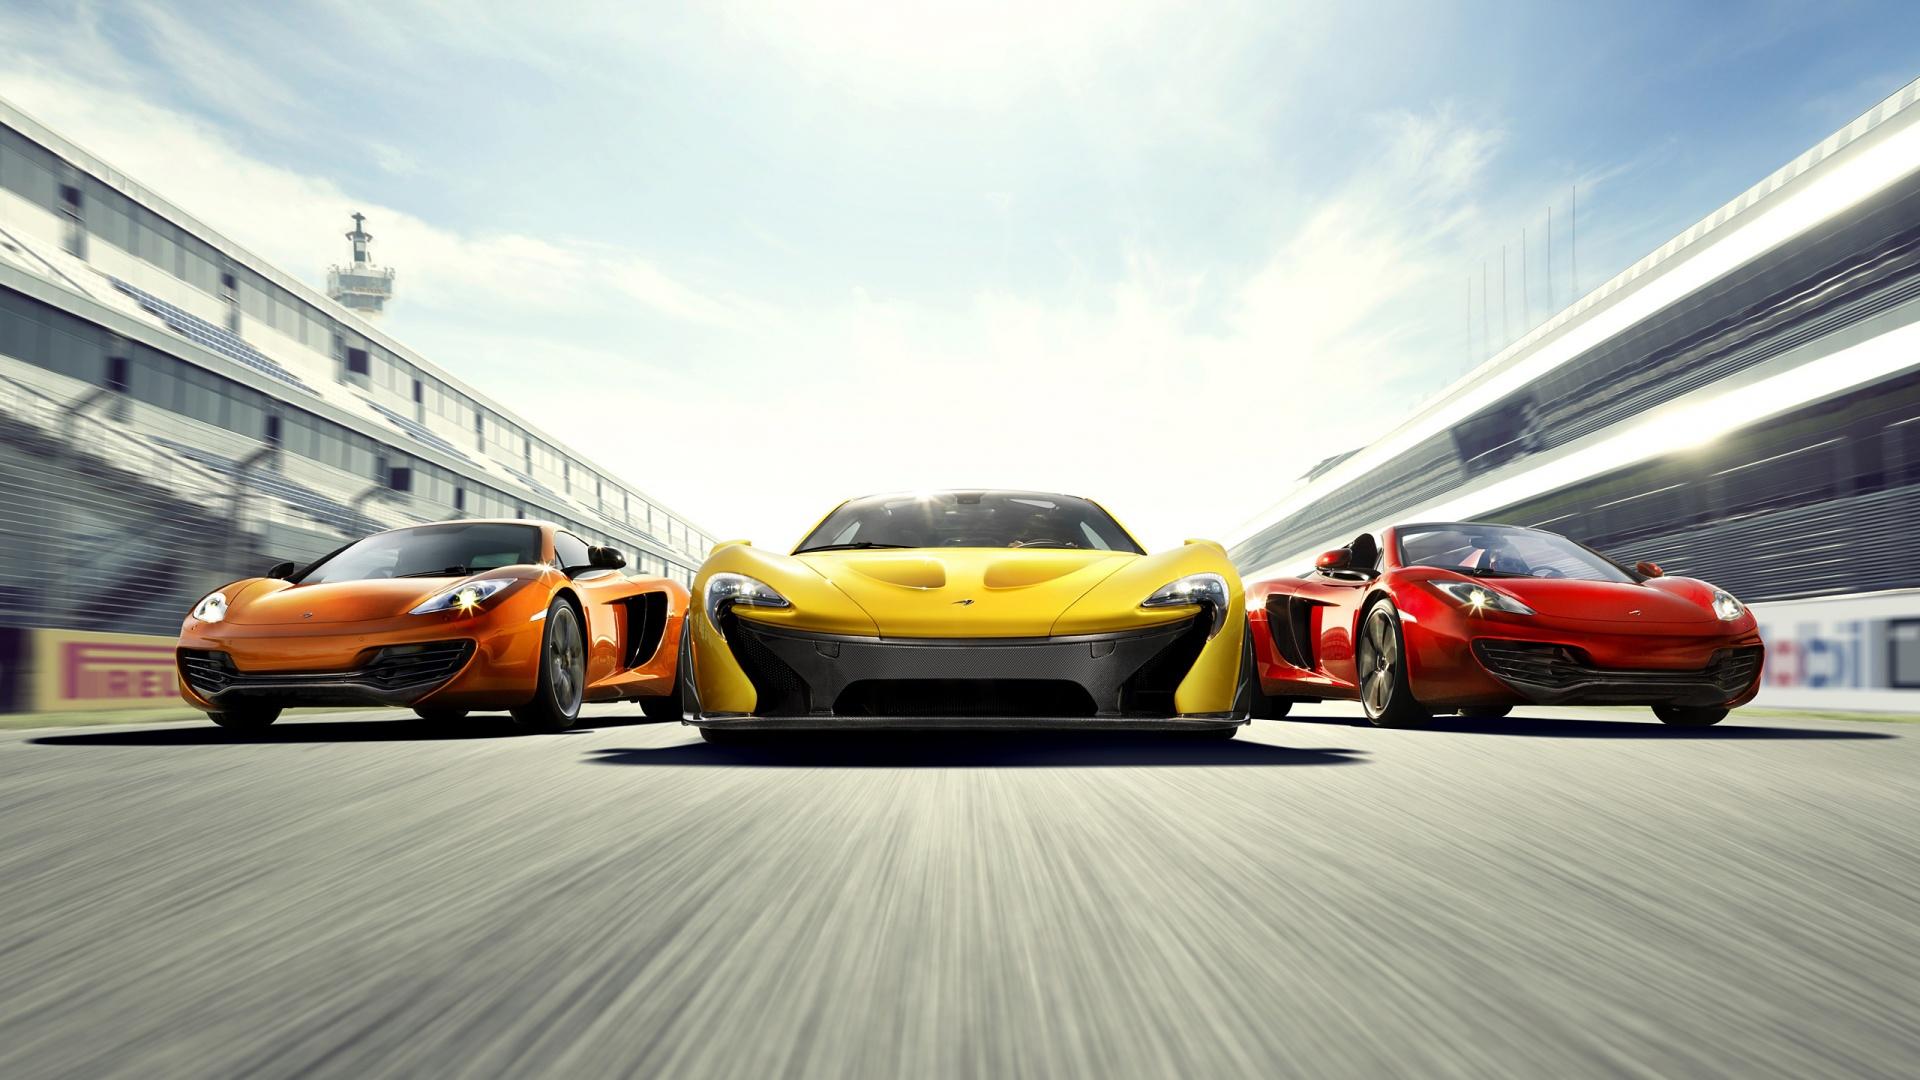 Mclaren Concept Car Wallpaper 44308 2560x1600 px ~ HDWallSource.com